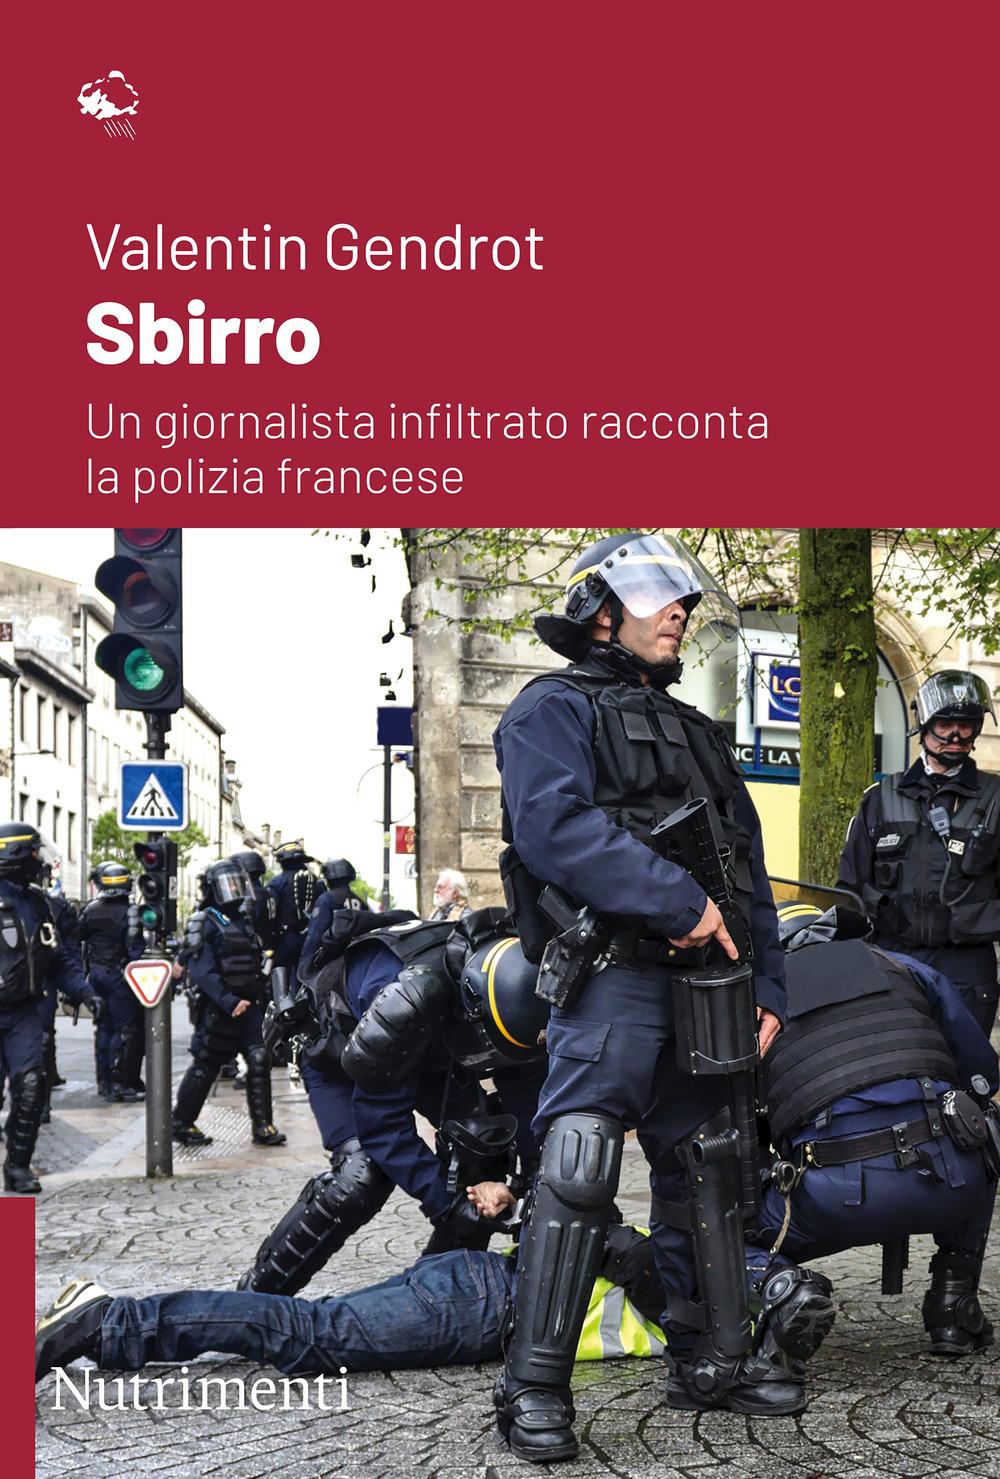 SBIRRO. UN GIORNALISTA INFILTRATO RACCONTA LA POLIZIA FRANCESE - Gendrot Valentin - 9788865947593